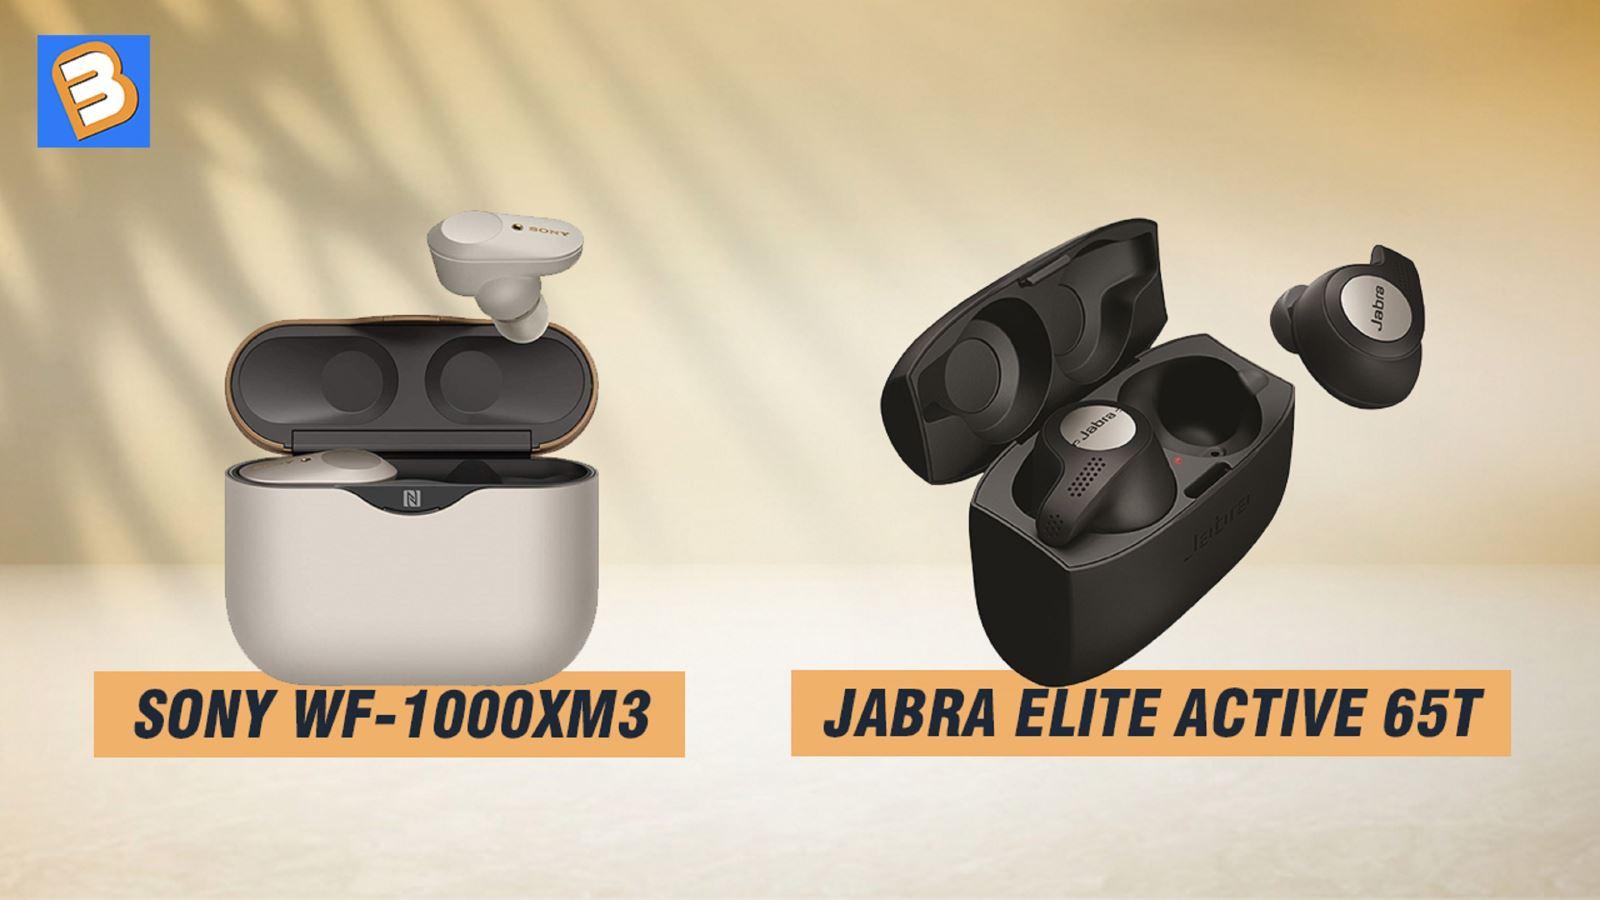 Sony WF-1000XM3 vớiJabra Elite Active 65t, tai nghe nào tốt hơn?